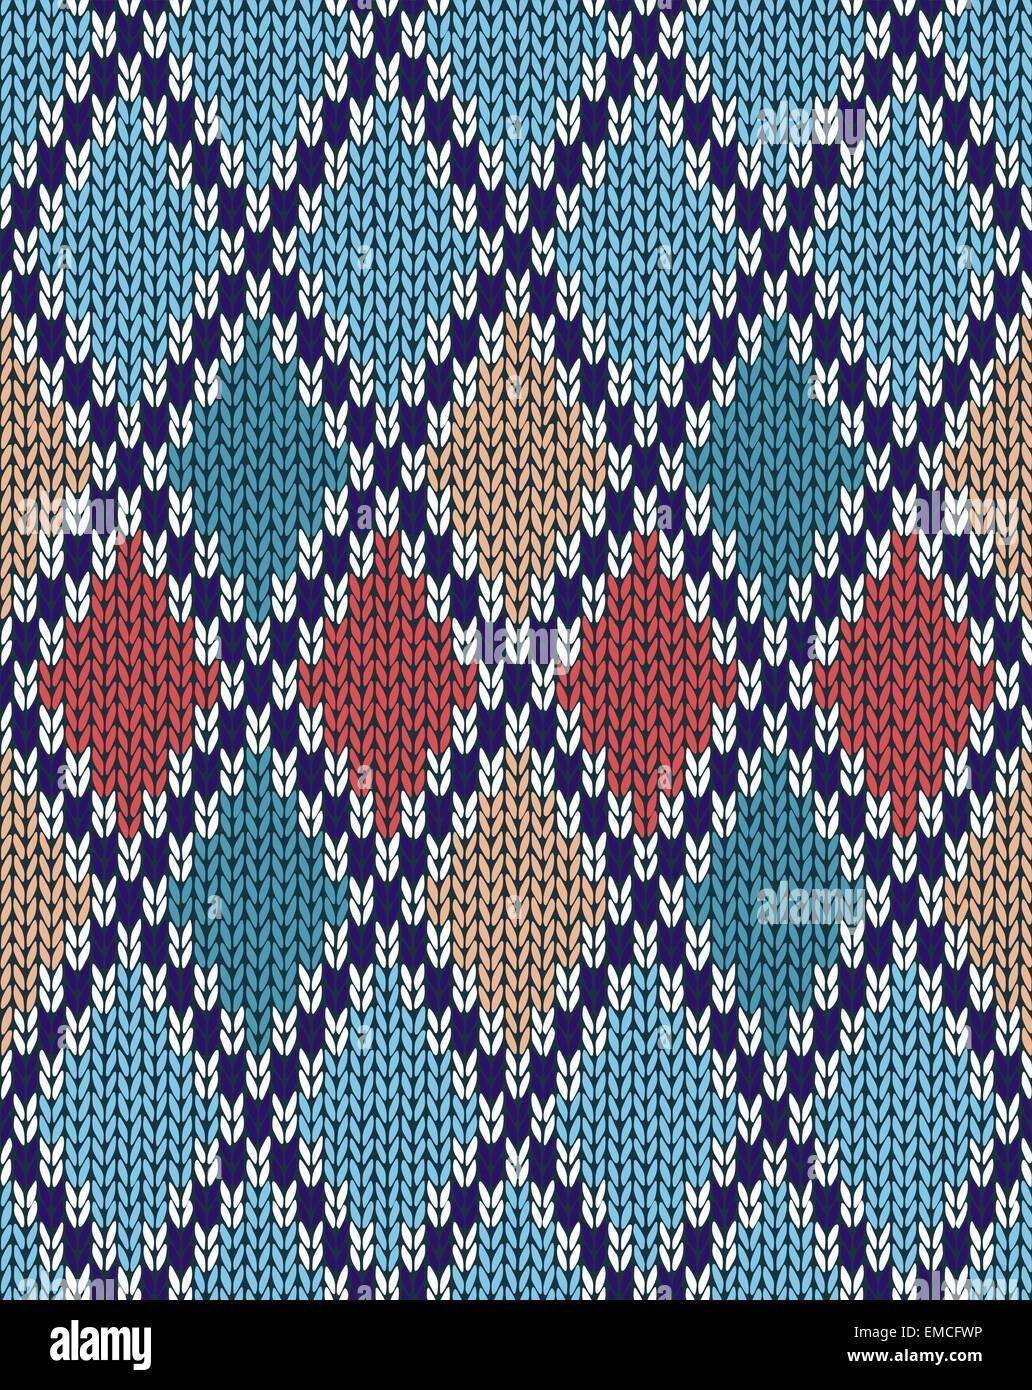 Maglia Jacquard Seamless Texture ornamento Immagini Stock